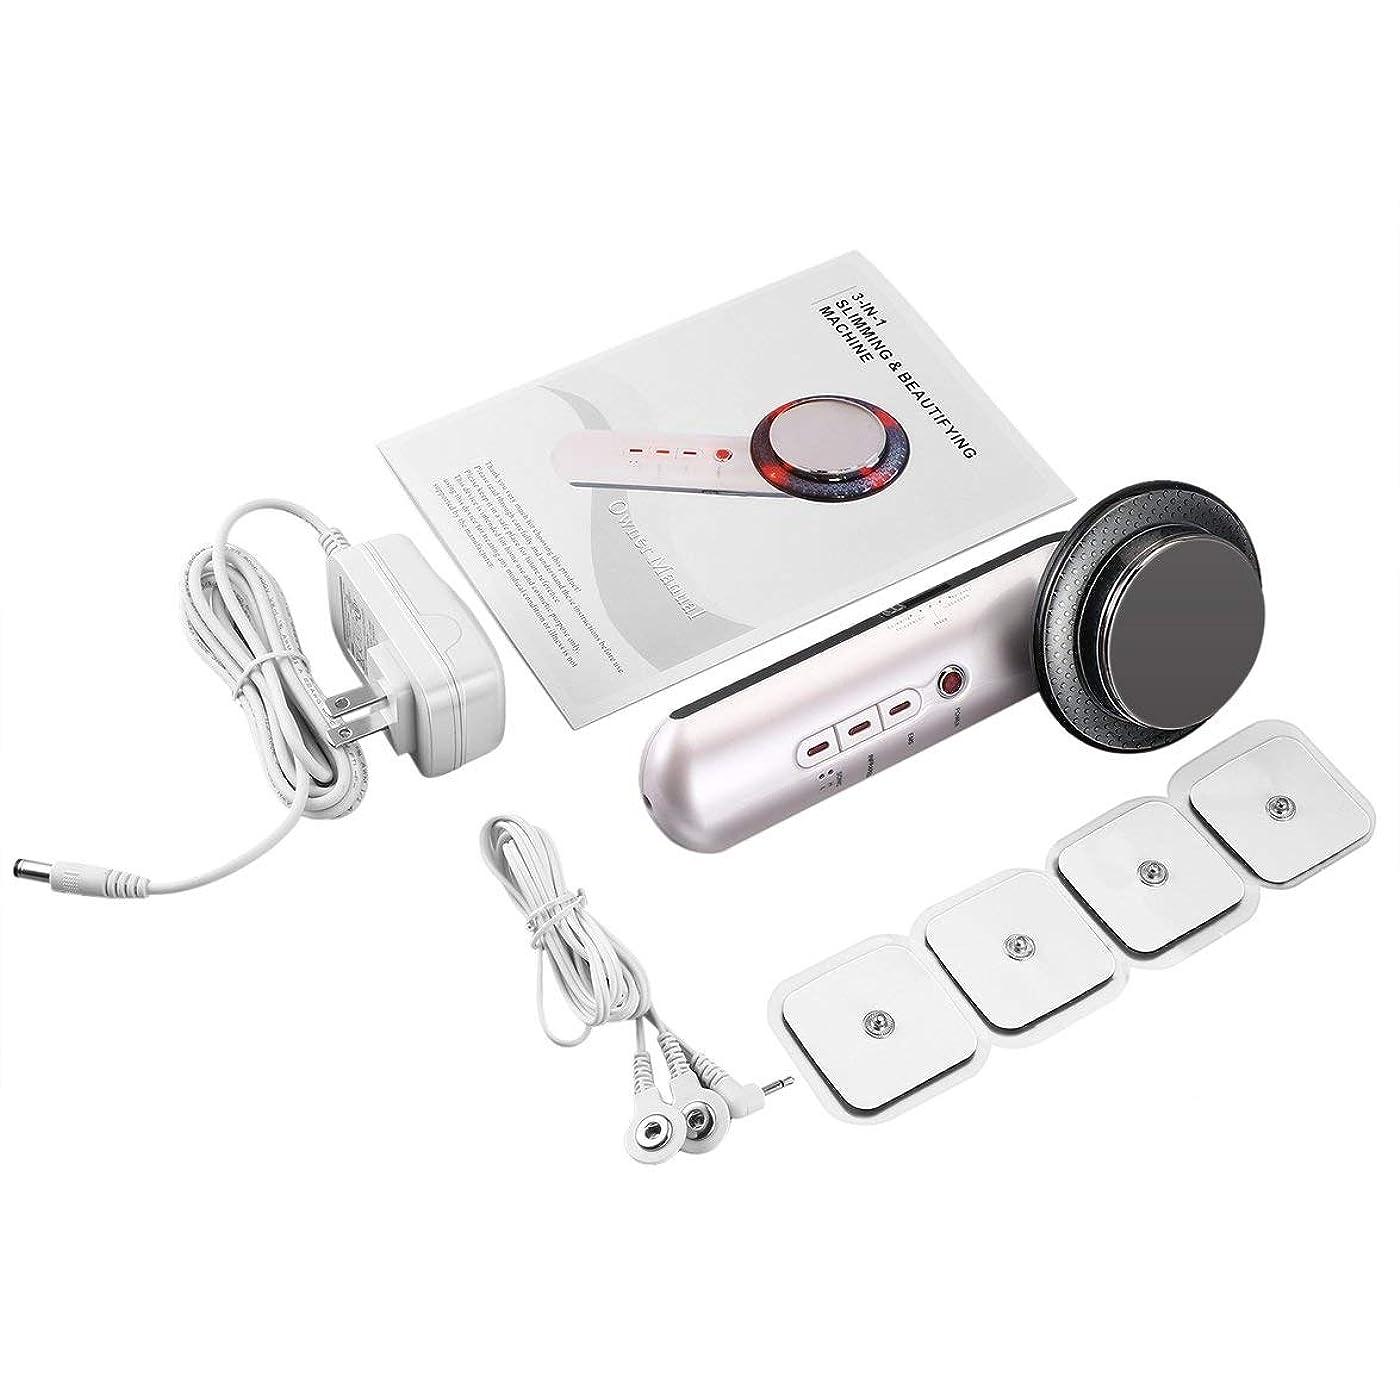 不実性別ホップ超音波キャビテーションボディスリミングマッサージャー減量アンチセルライトファットバーナーガルバニック赤外線超音波治療ツール - ホワイト&ブラック